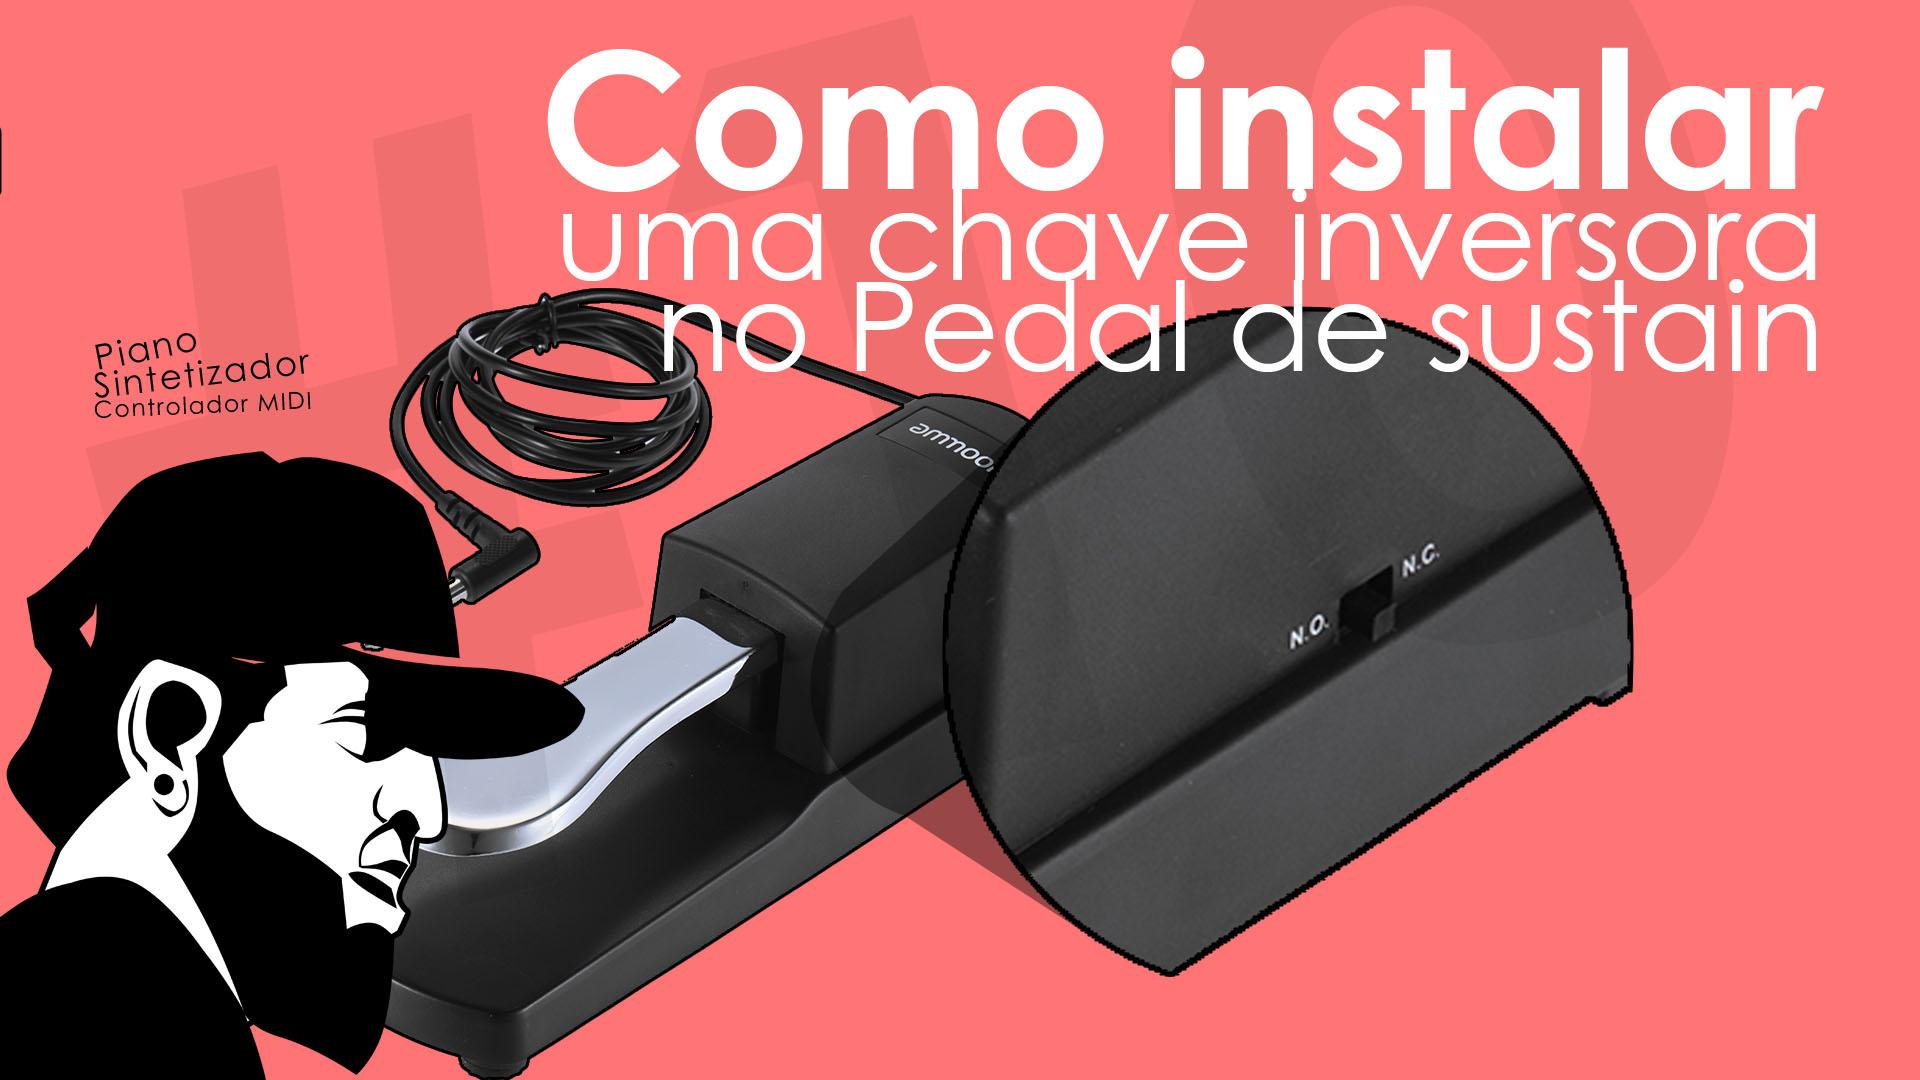 Como Instalar Chave Inversora No Pedal de Sustain (Damper)